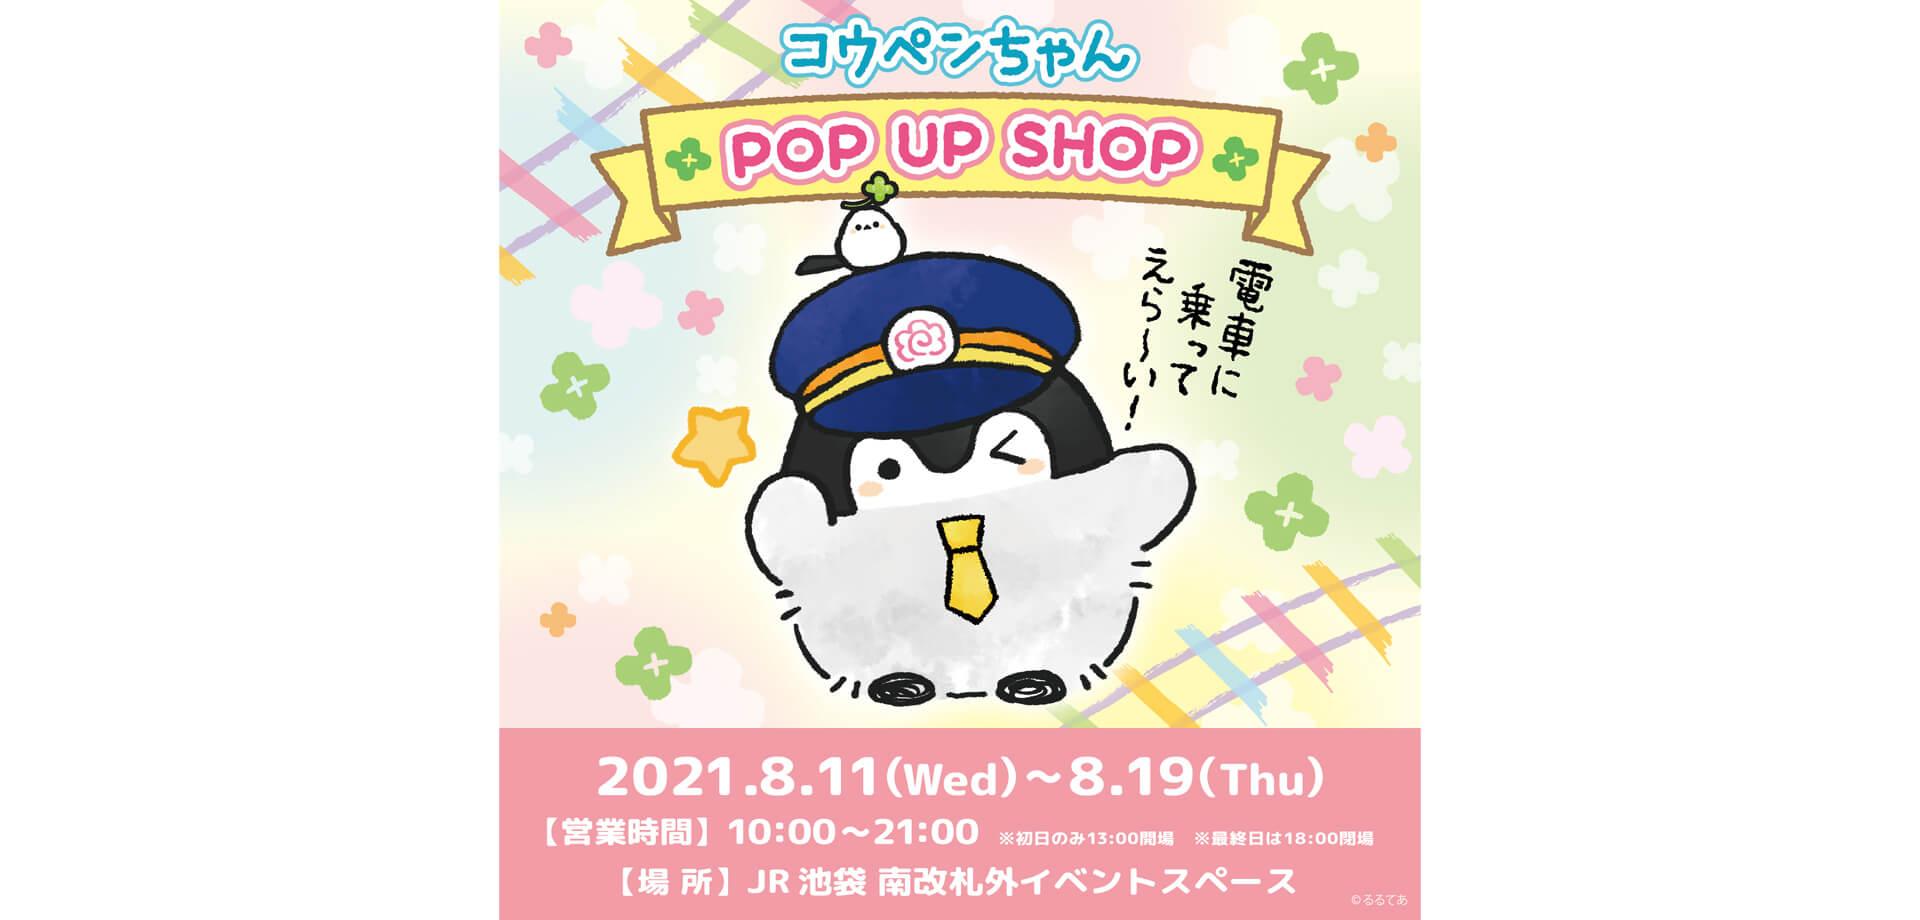 JR池袋駅 南改札外イベントスペースに『コウペンちゃん POP UP SHOP』